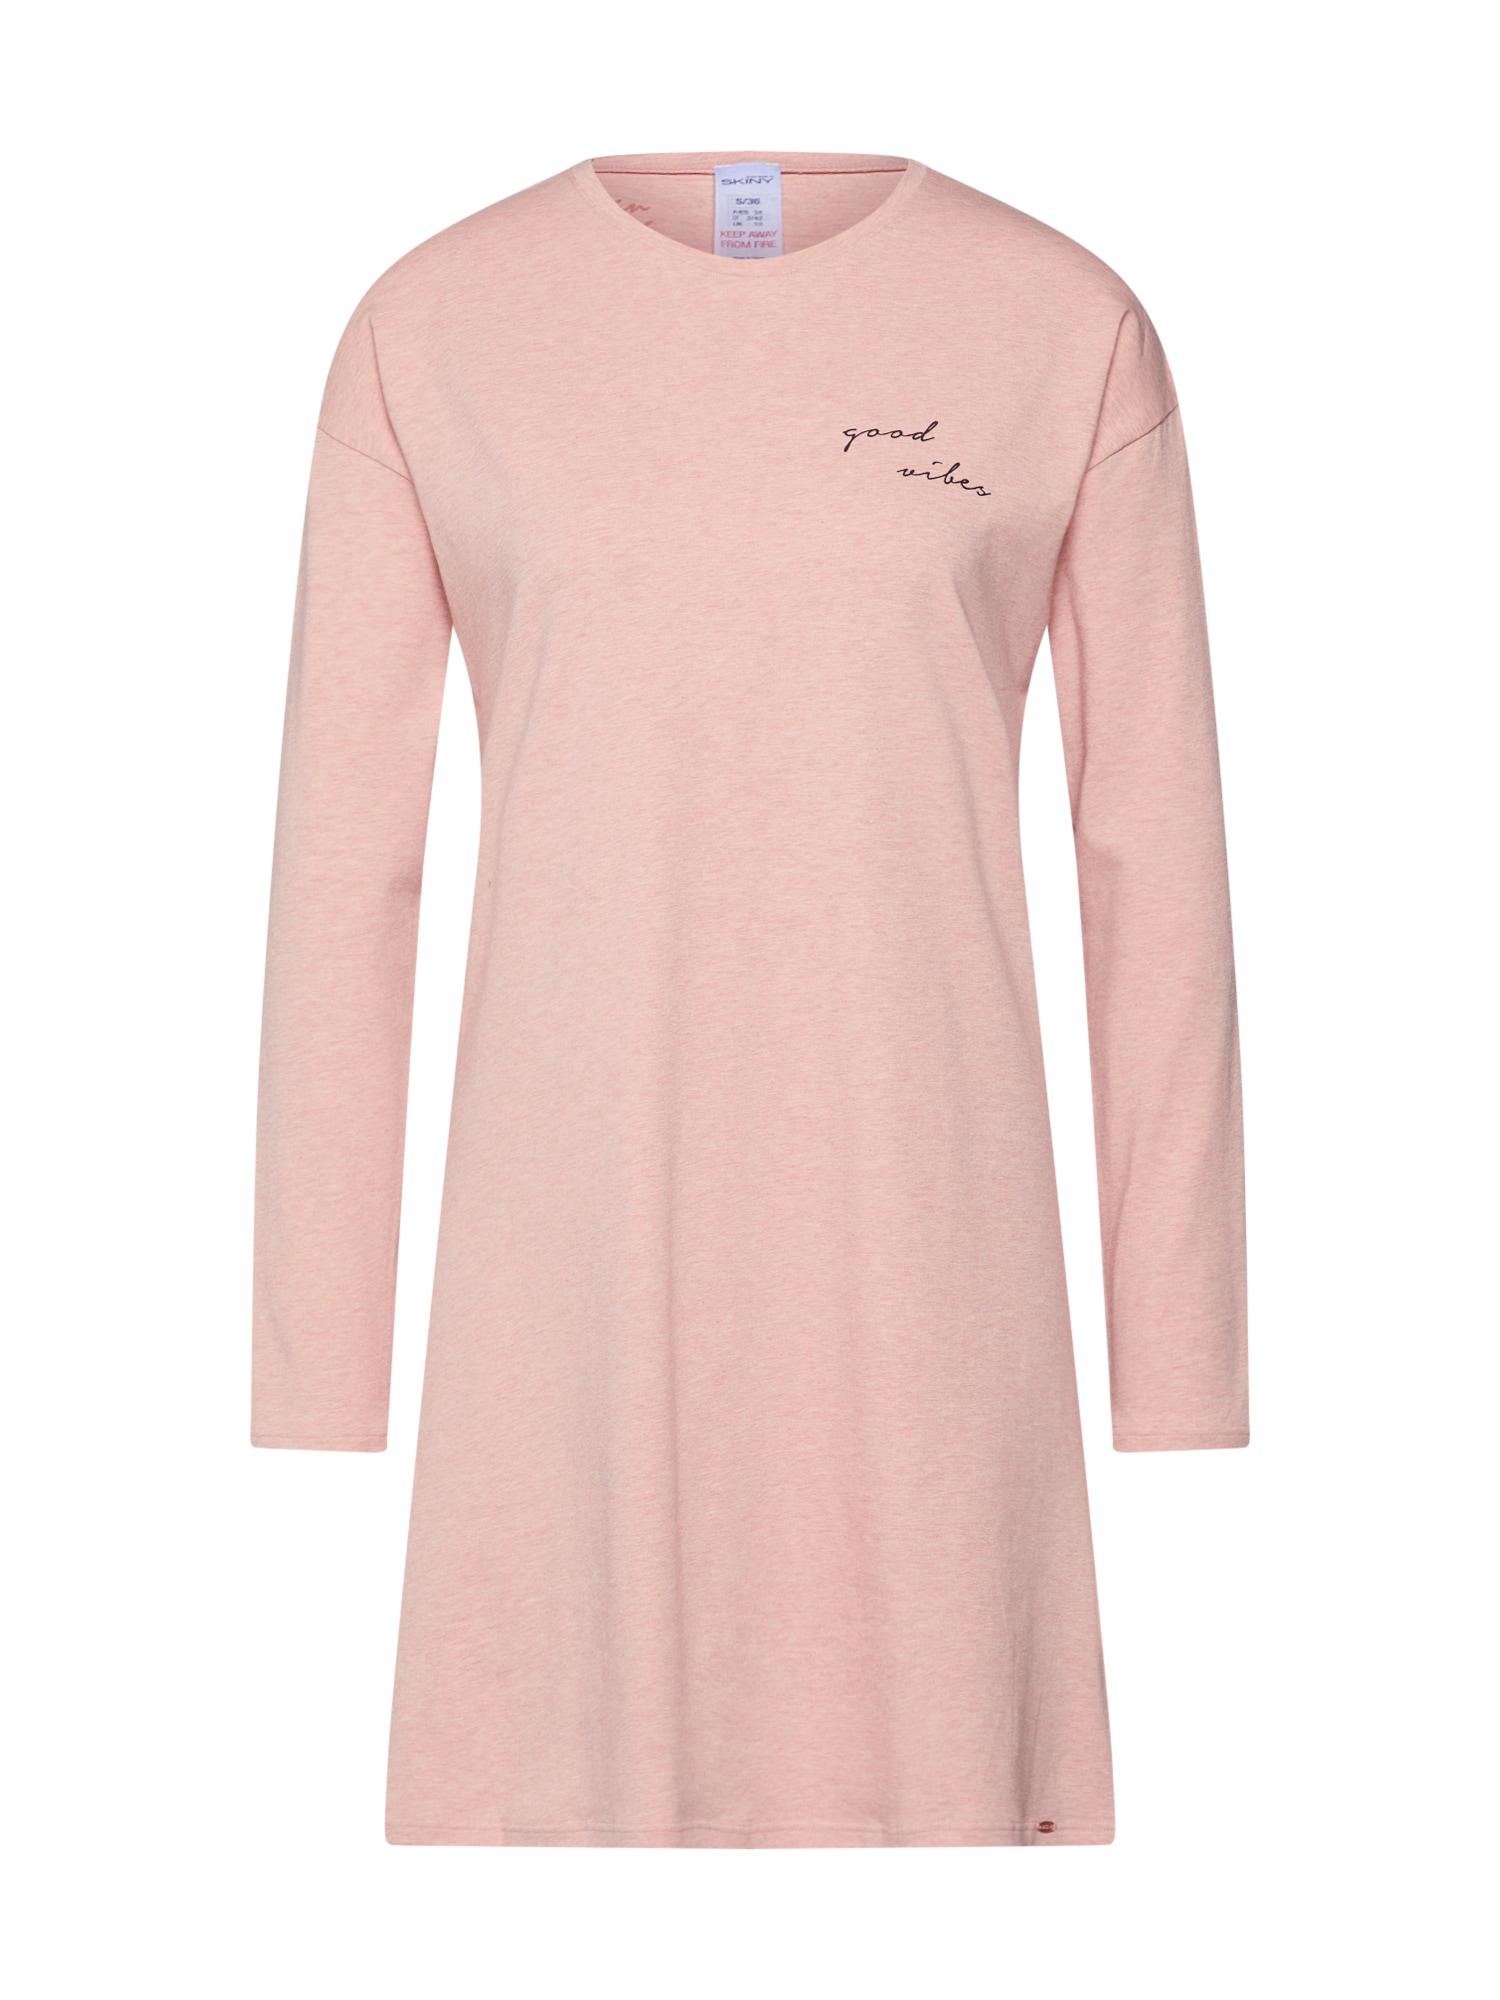 Skiny Koszula nocna  różowy pudrowy